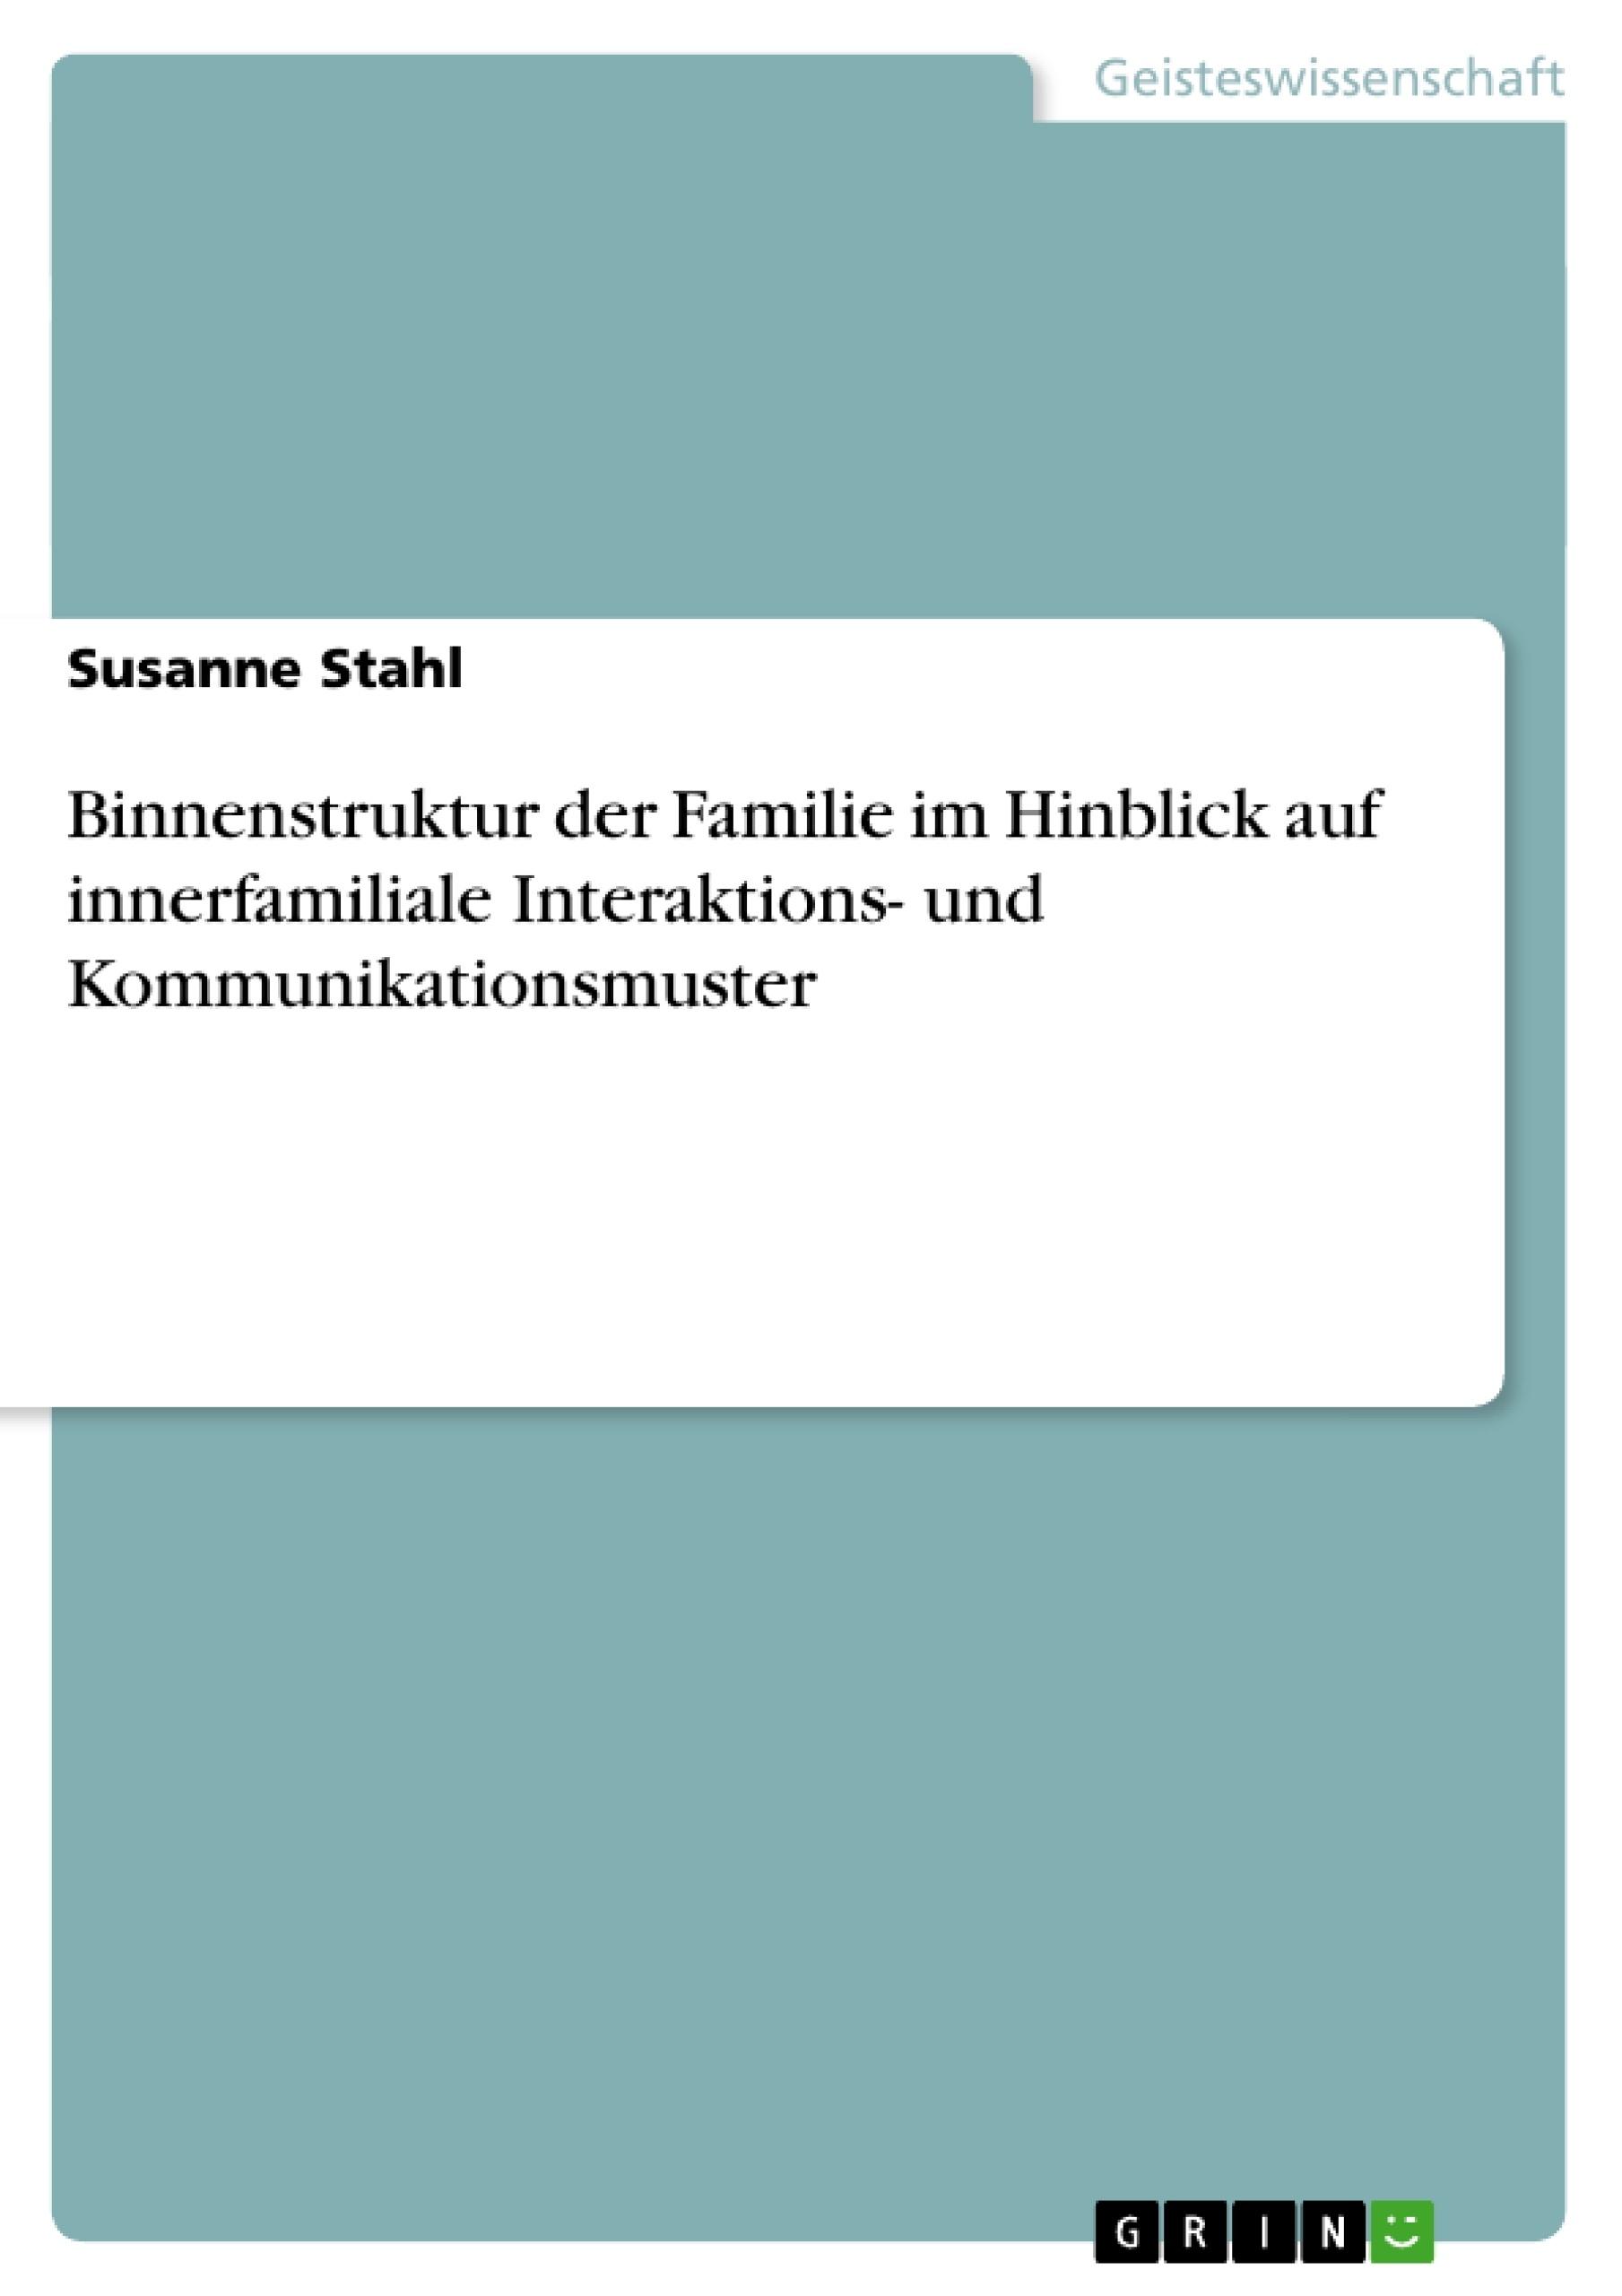 Titel: Binnenstruktur der Familie im Hinblick auf innerfamiliale Interaktions- und Kommunikationsmuster